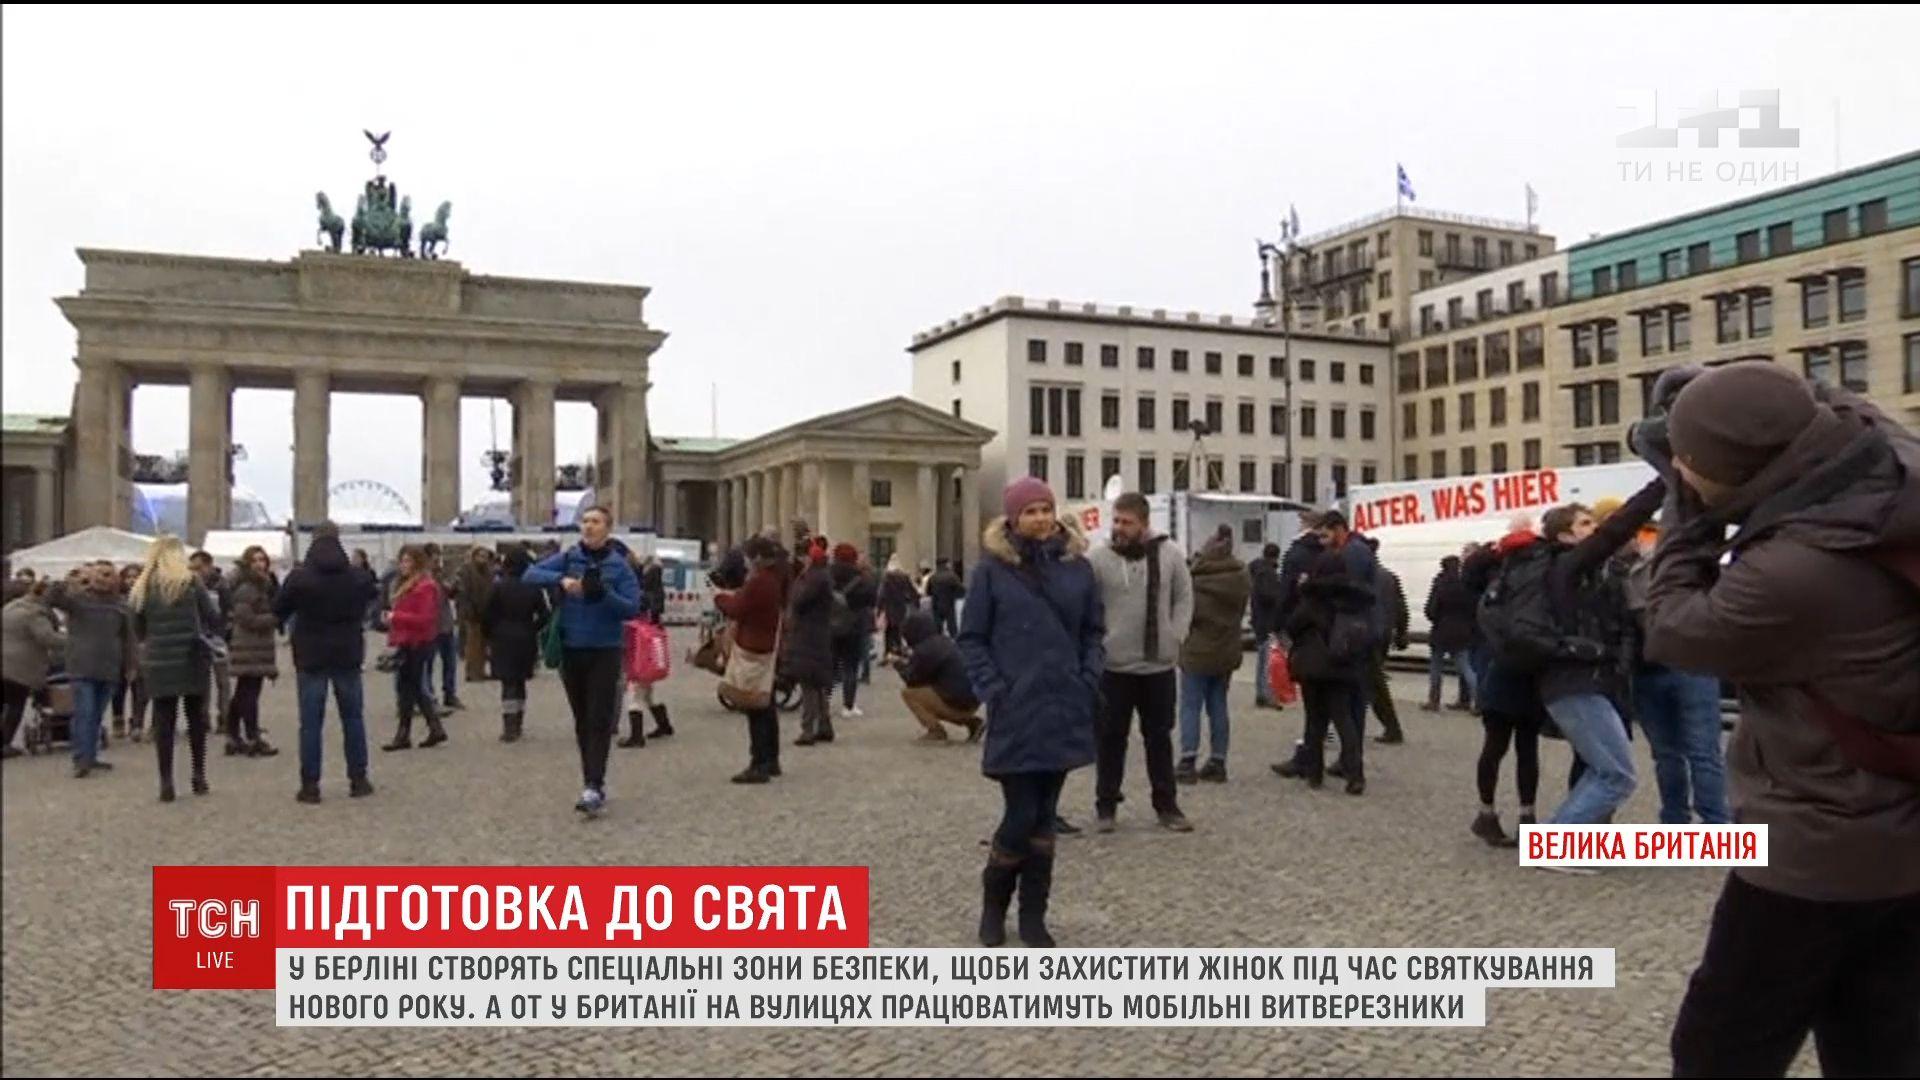 Подготовка к праздникам: в Берлине создадут зоны безопасности для женщин, а в Великобритании - мобильные вытрезвители /